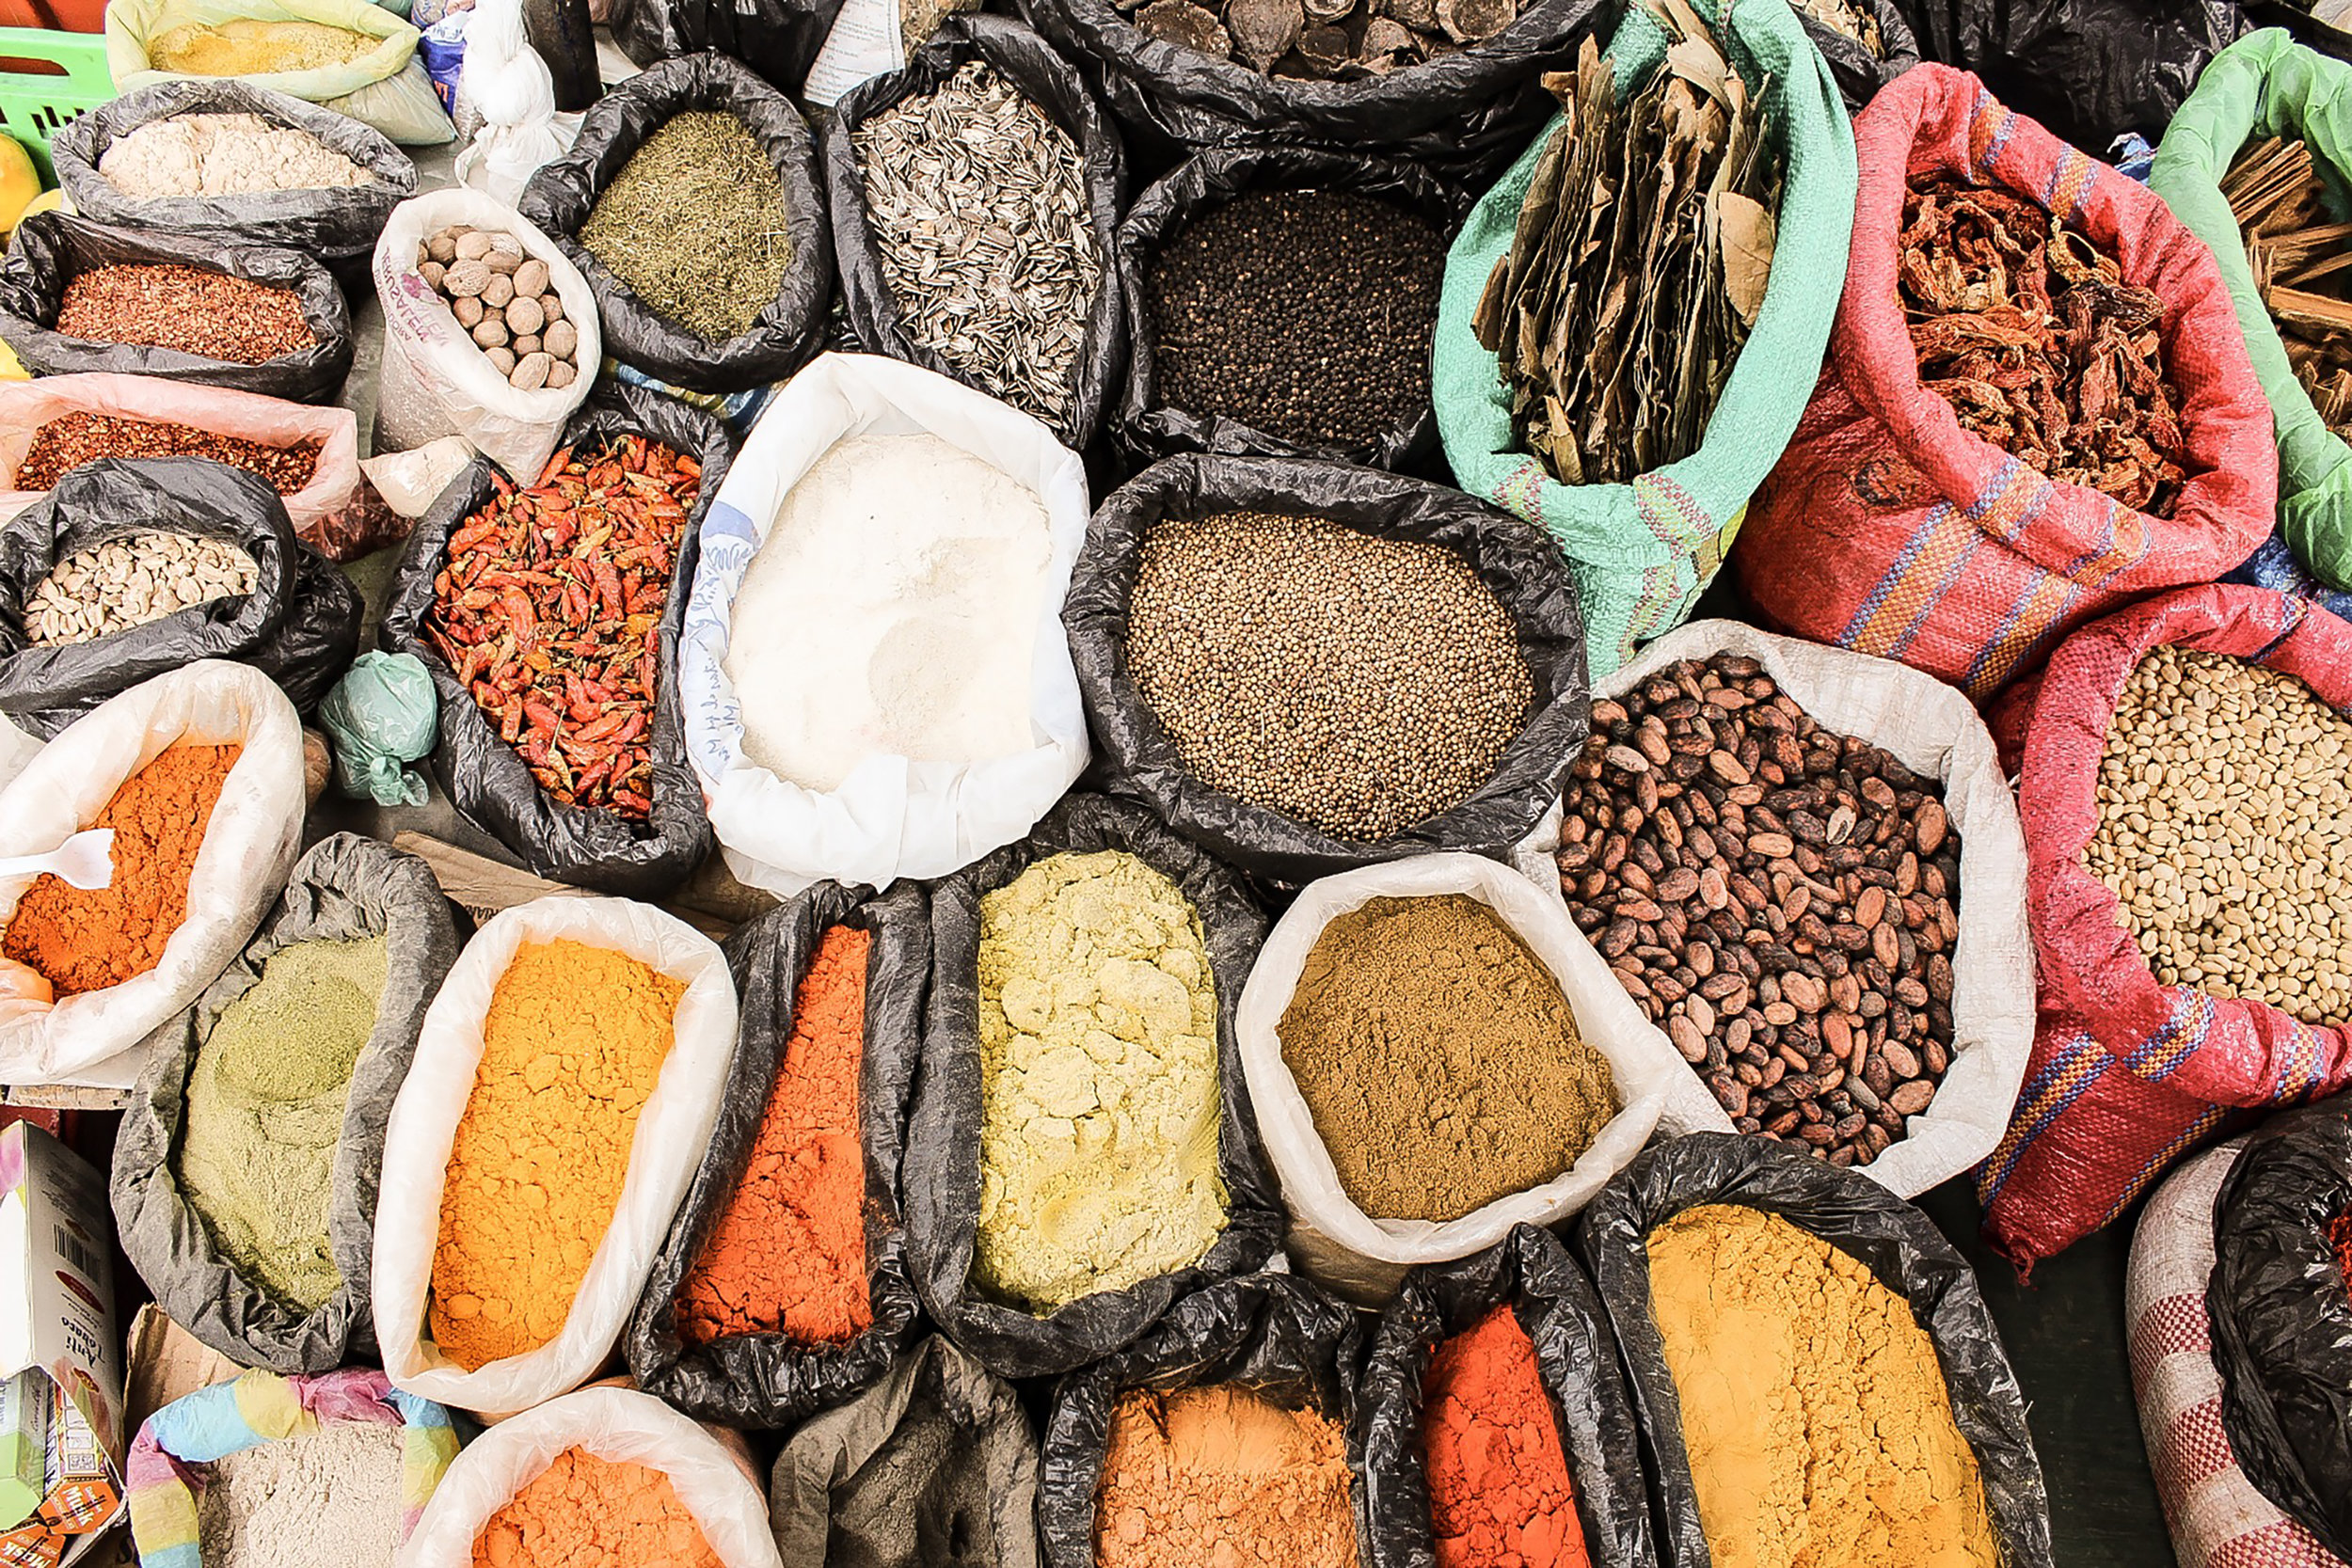 Real ingredients - nutrient-dense plant foods